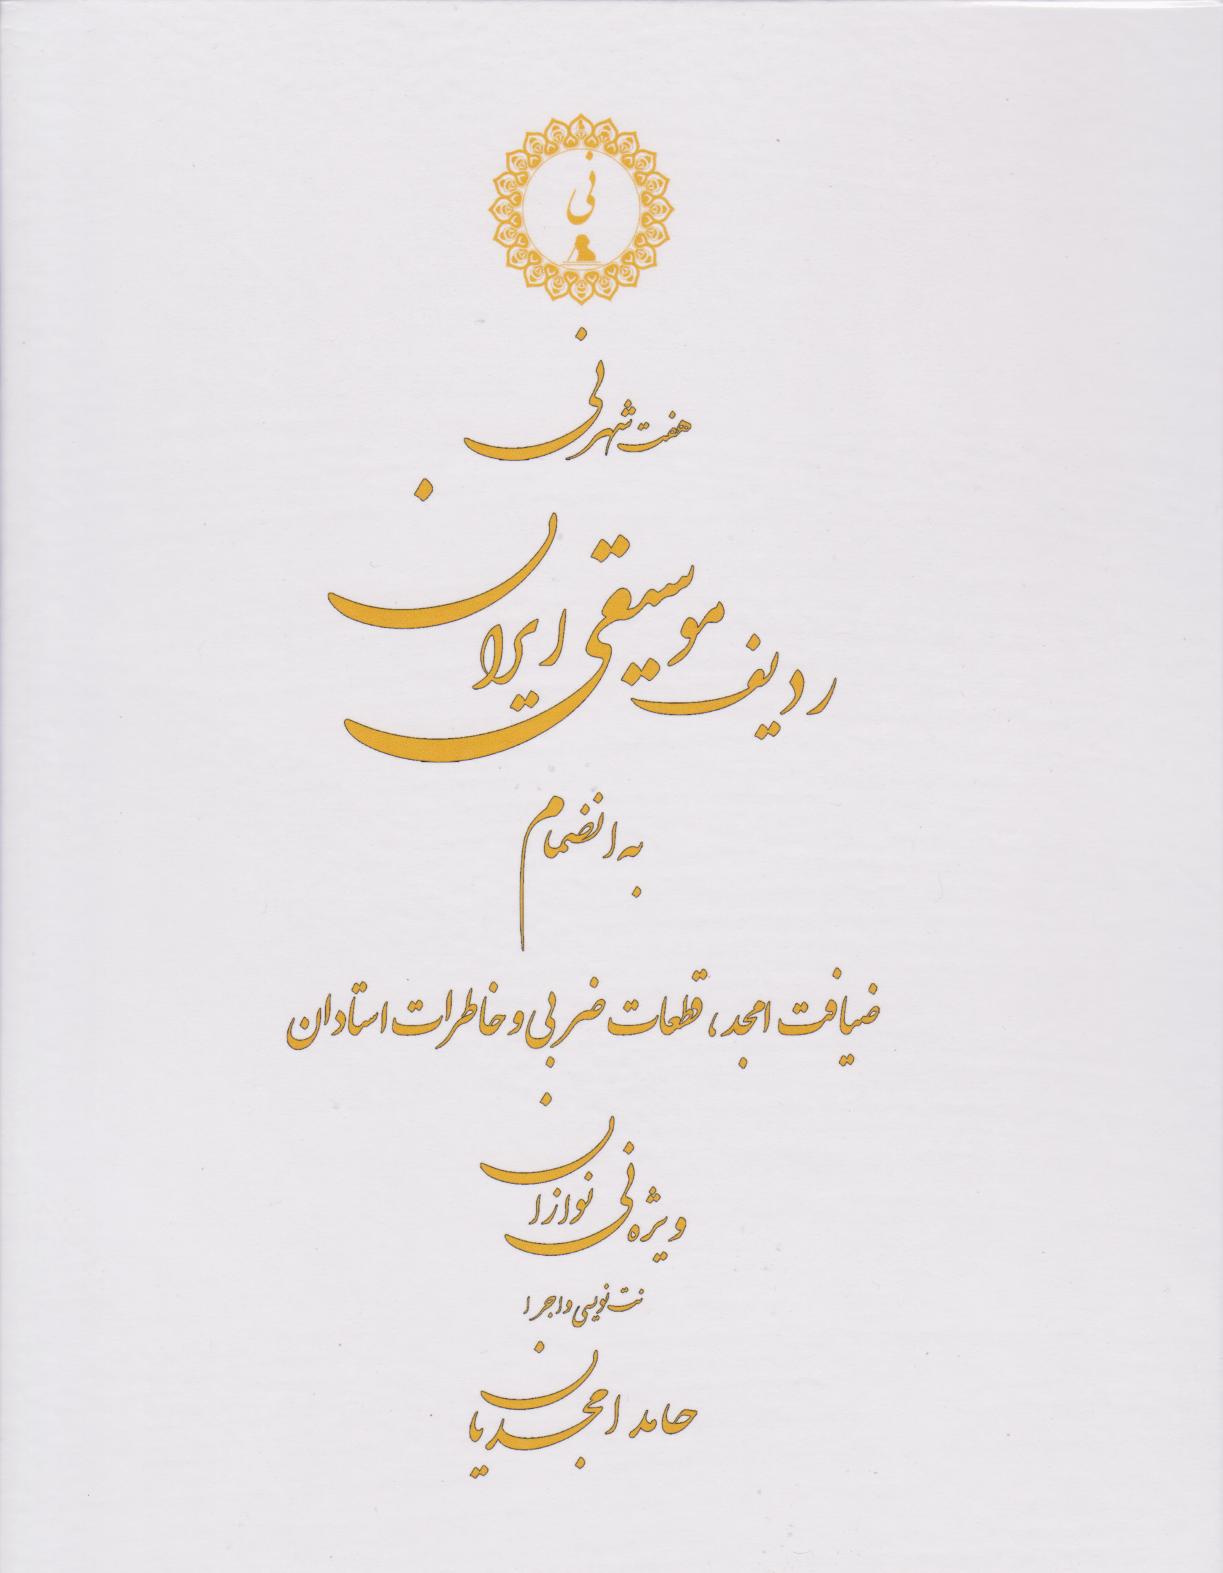 کتاب هفت شهر نی ردیف موسیقی ایران حامد امجدیان انتشارات ارشدان